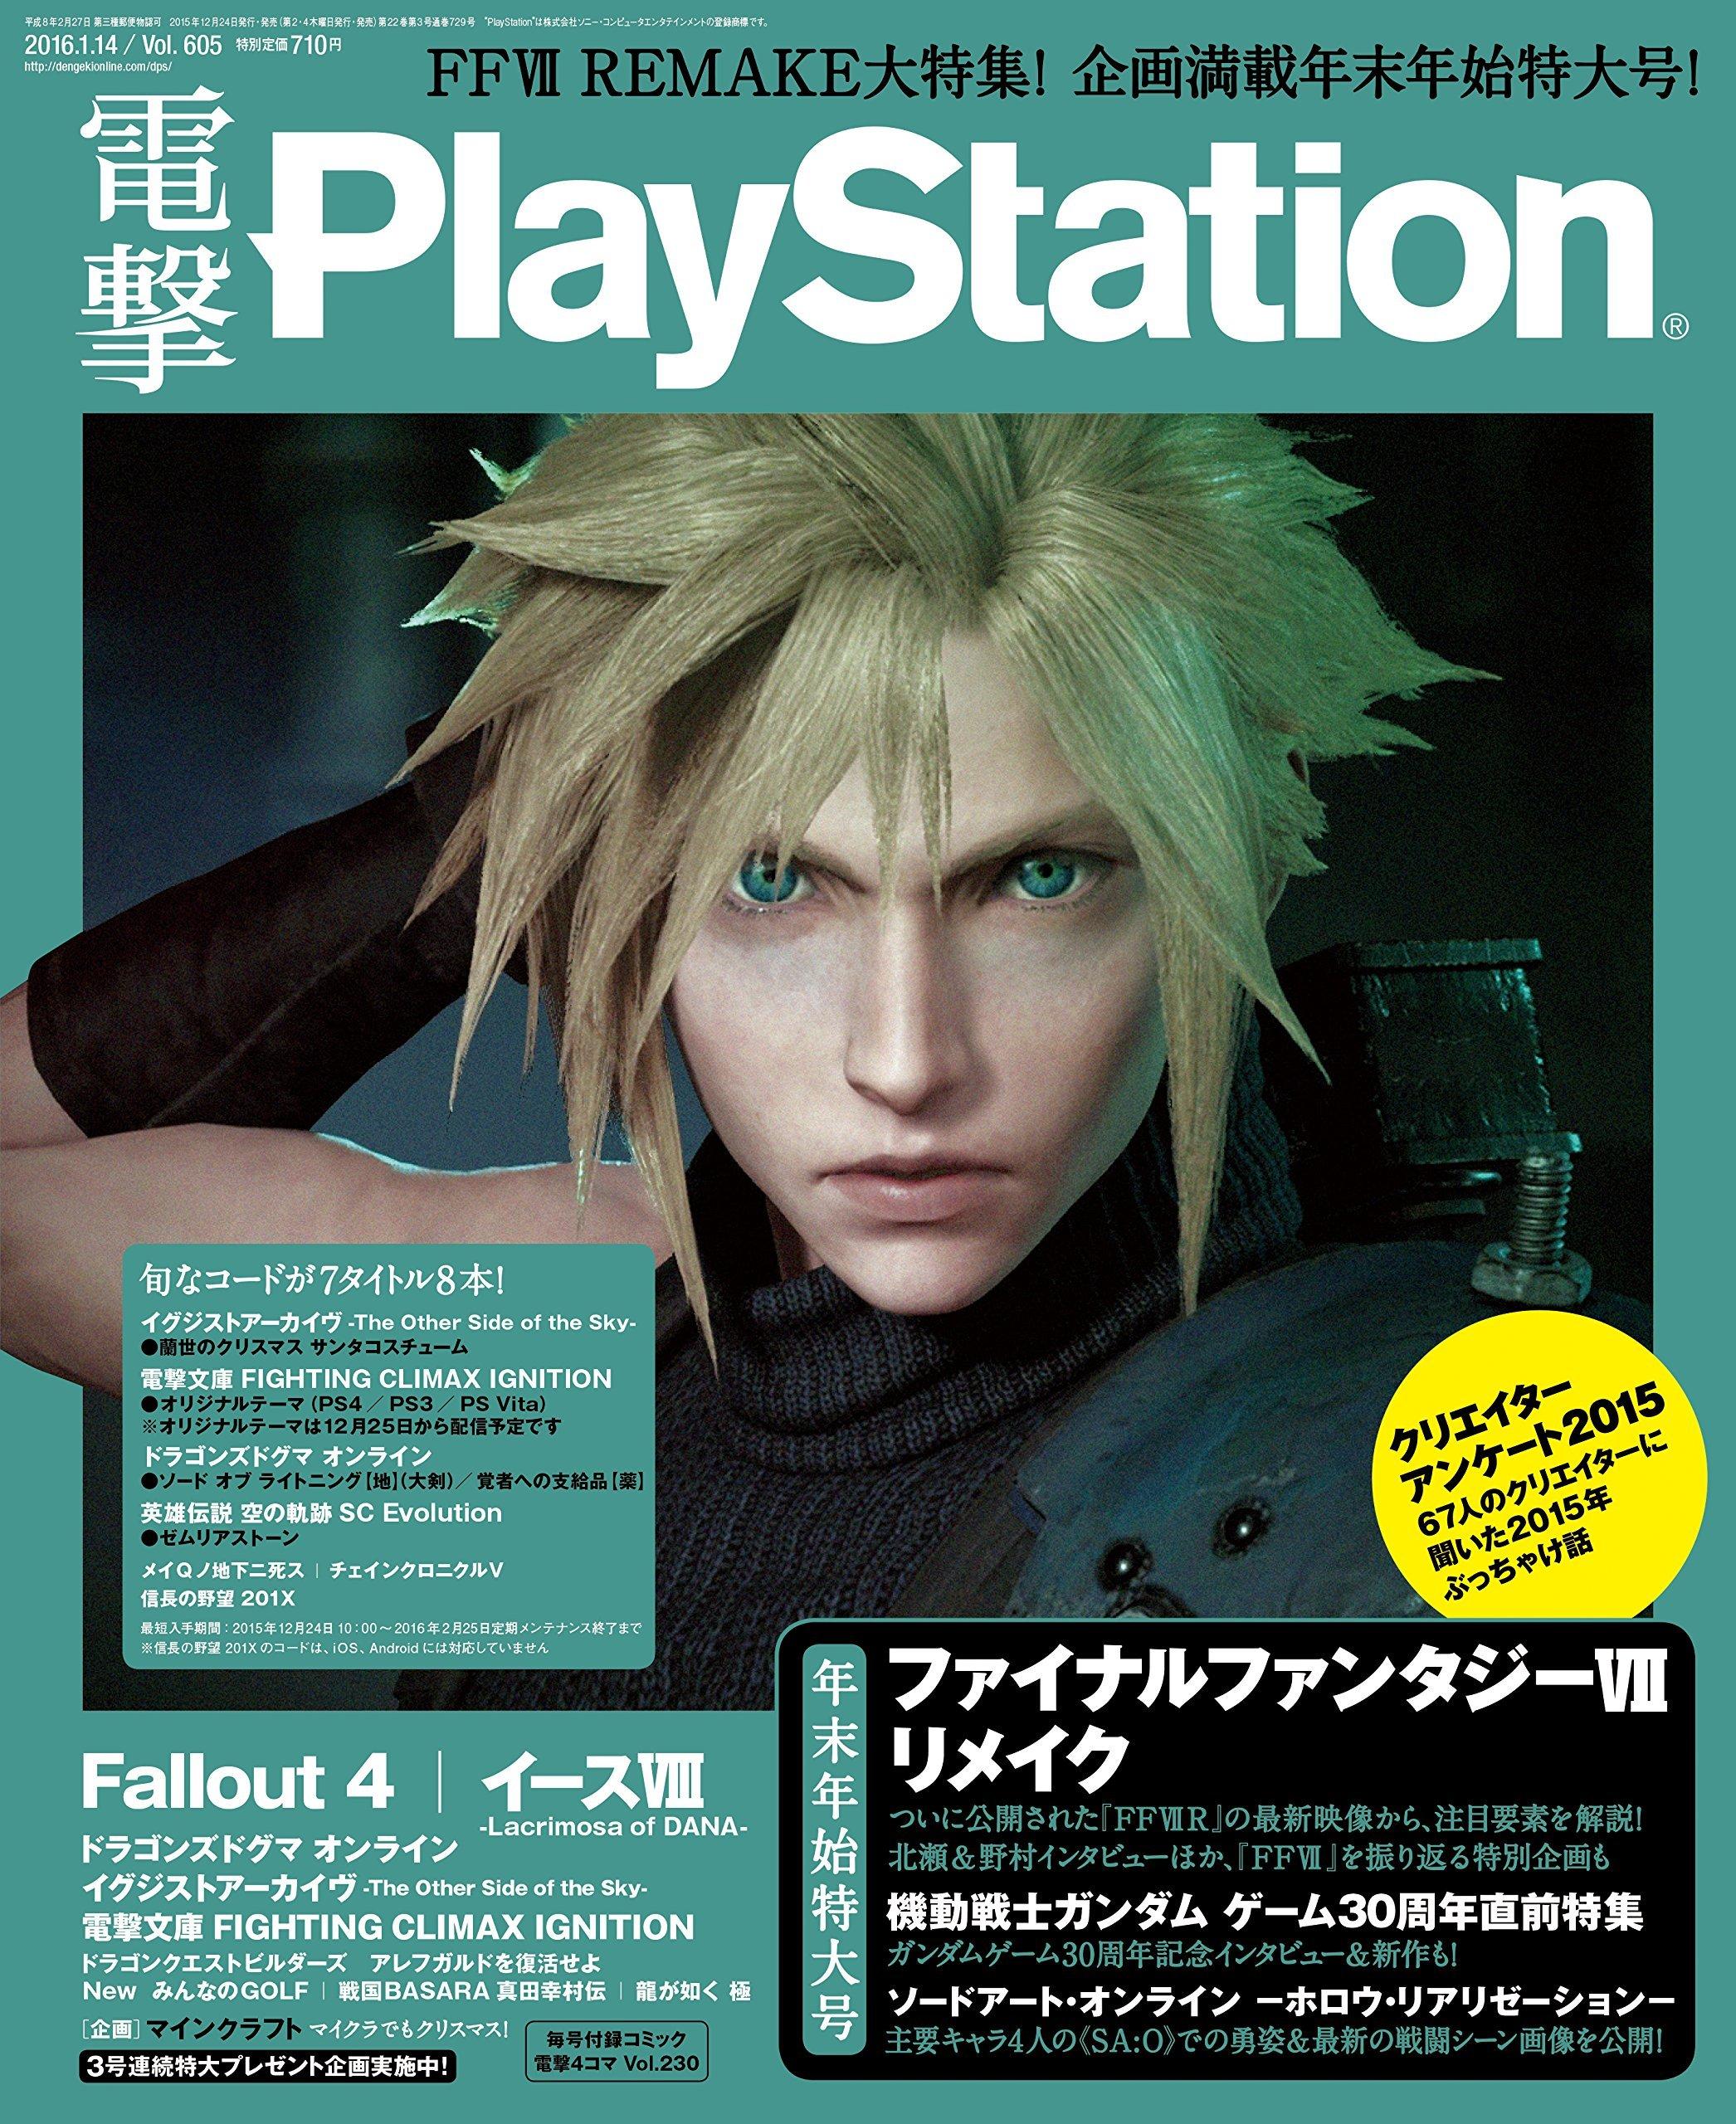 Dengeki PlayStation 605 (January 14, 2016)